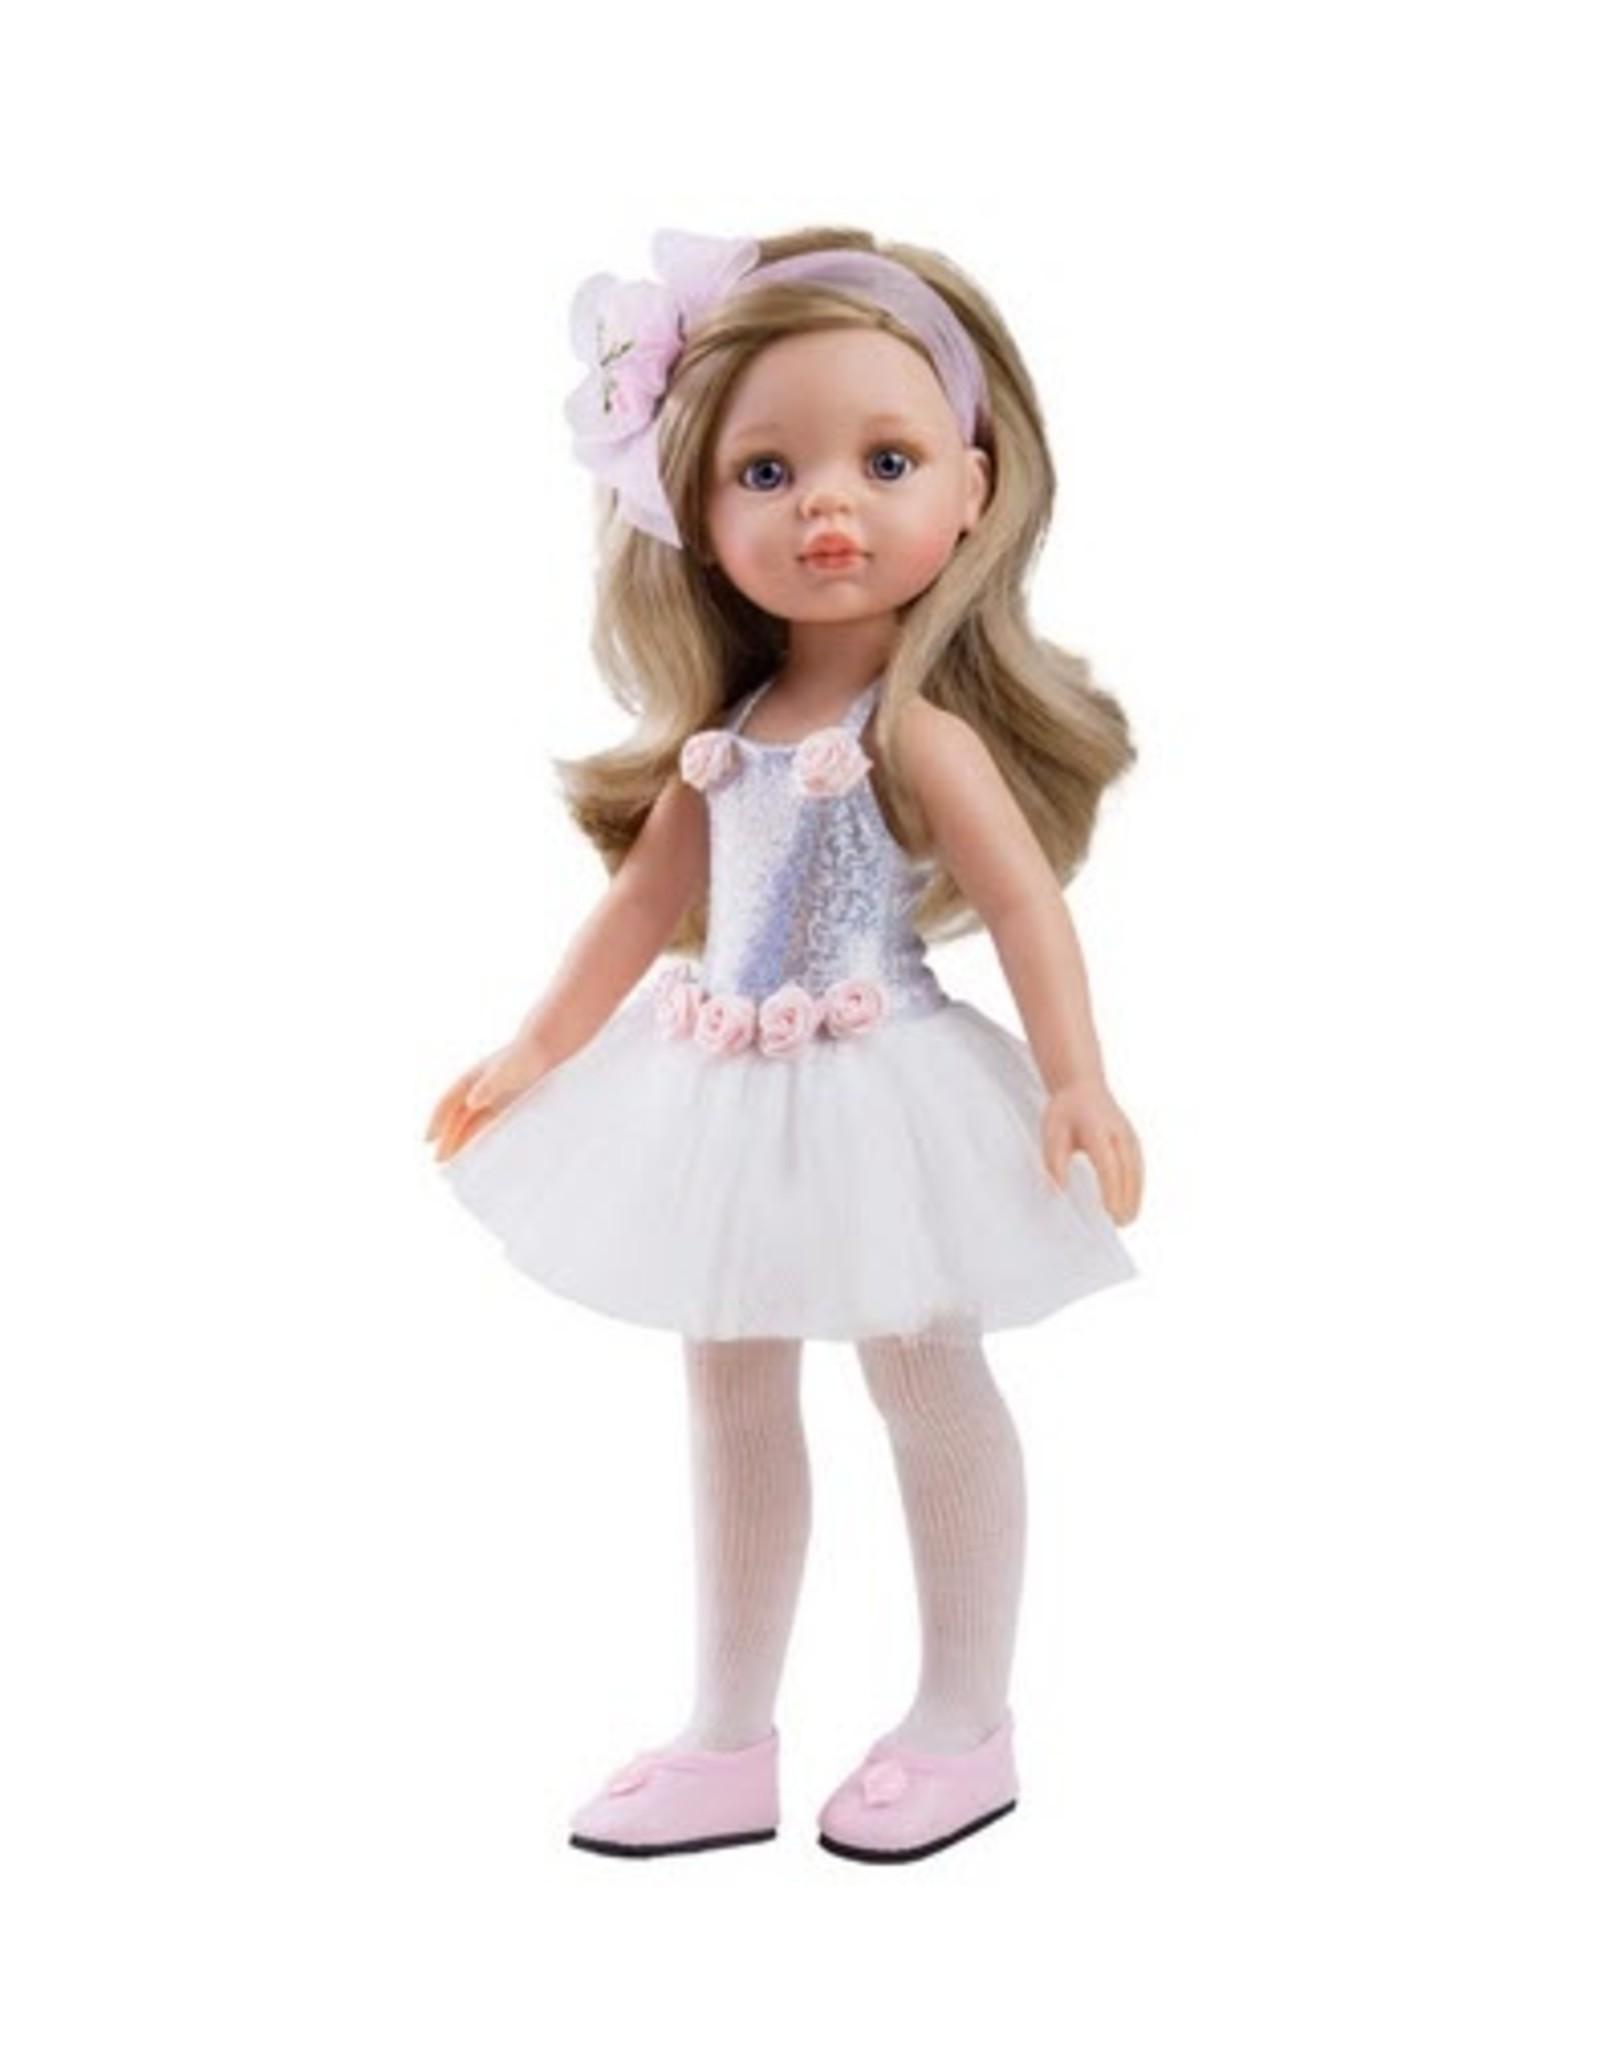 Paola Reina Paola Reina - Ballerina Doll New 32cm (4447)